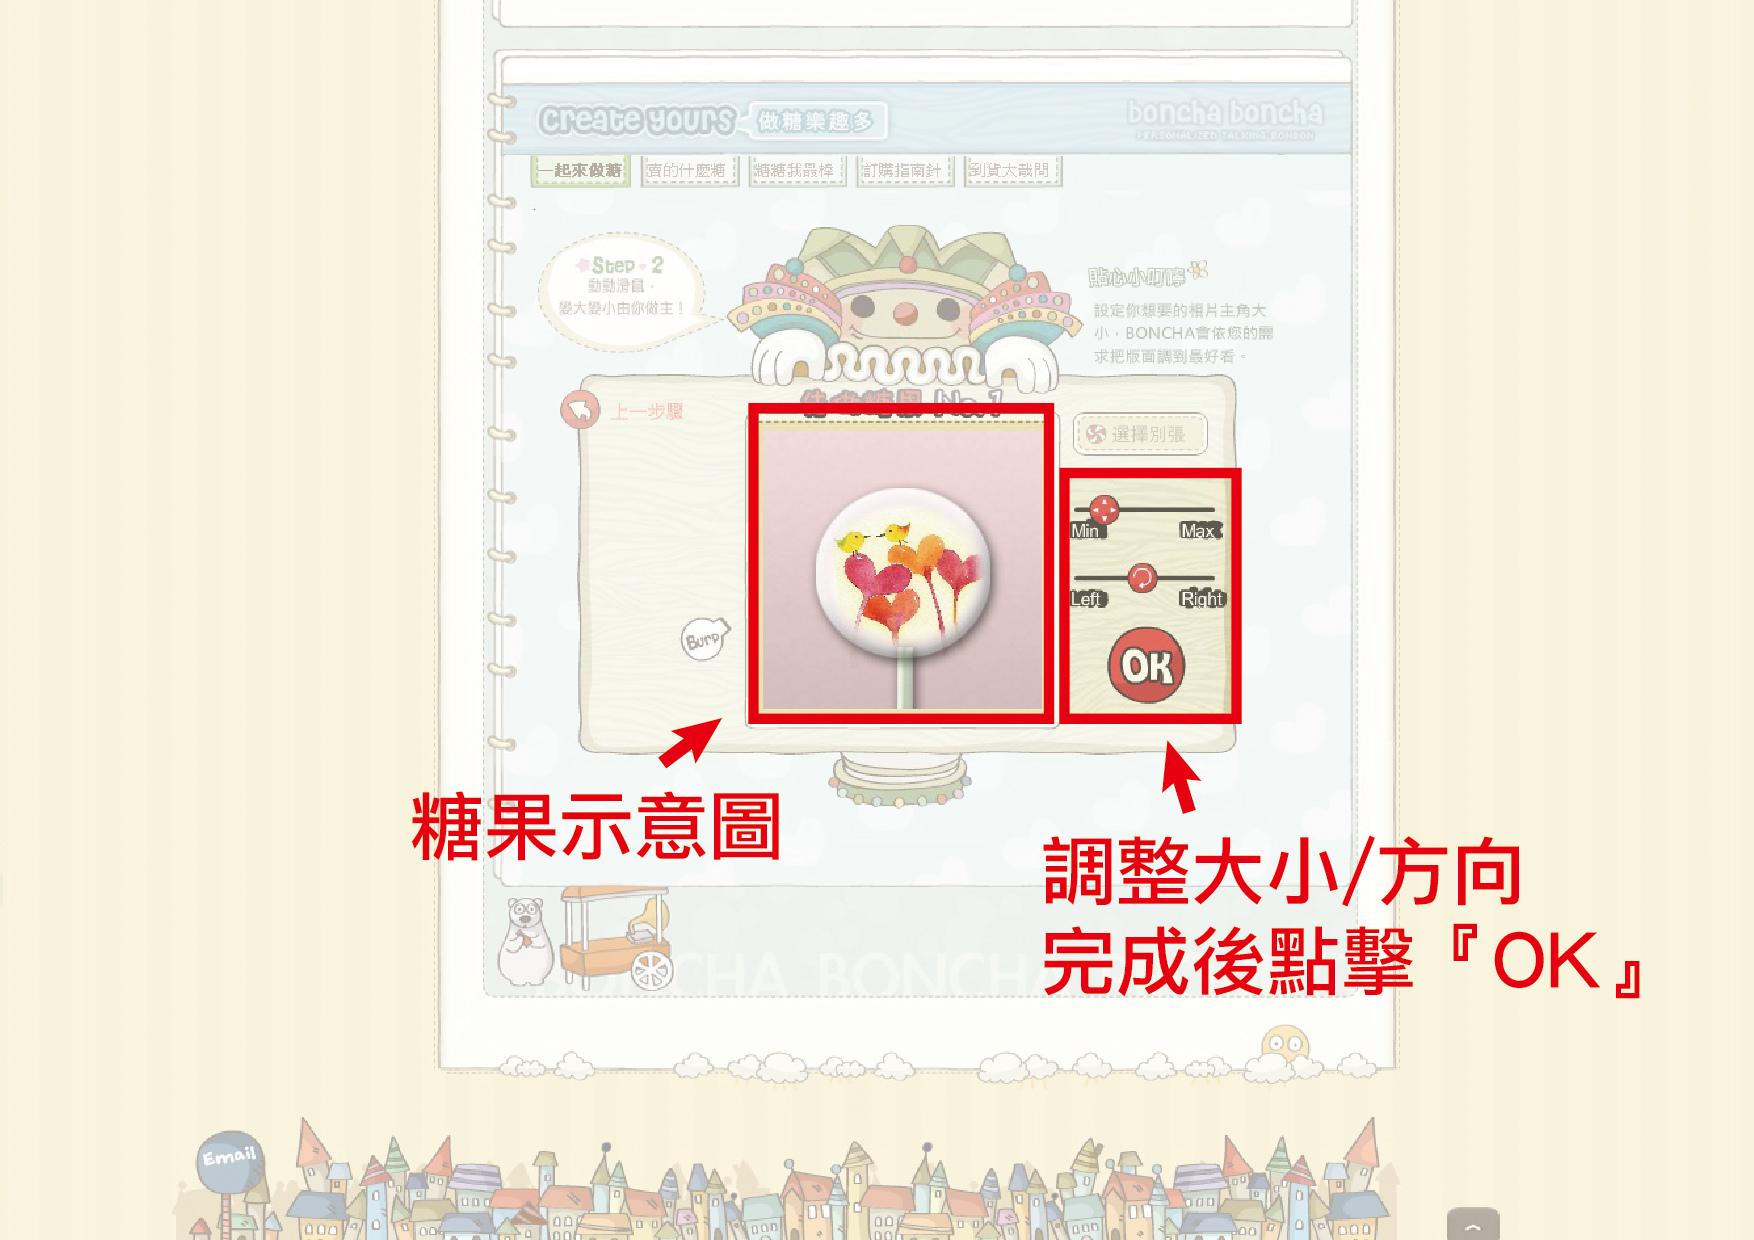 線上訂購指南-5.jpg